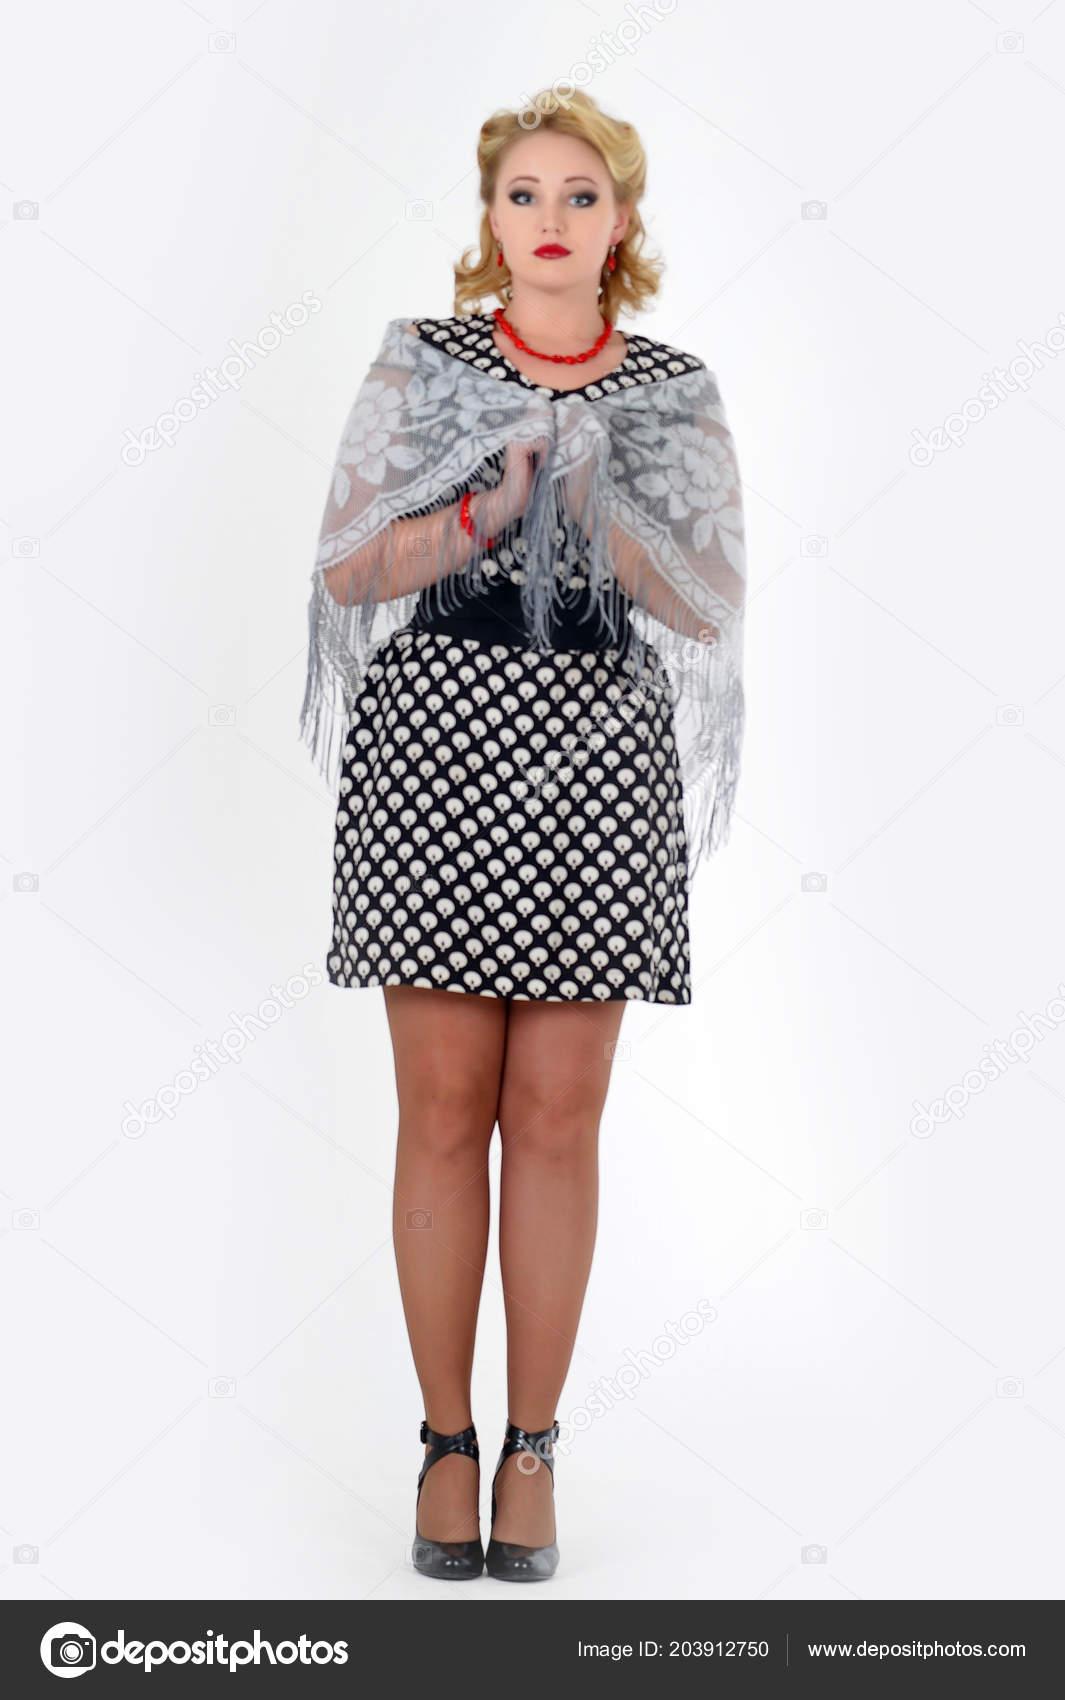 Retro Foto Stil Der 60er Jahre Frau Blondine Gepunkteten Kleid